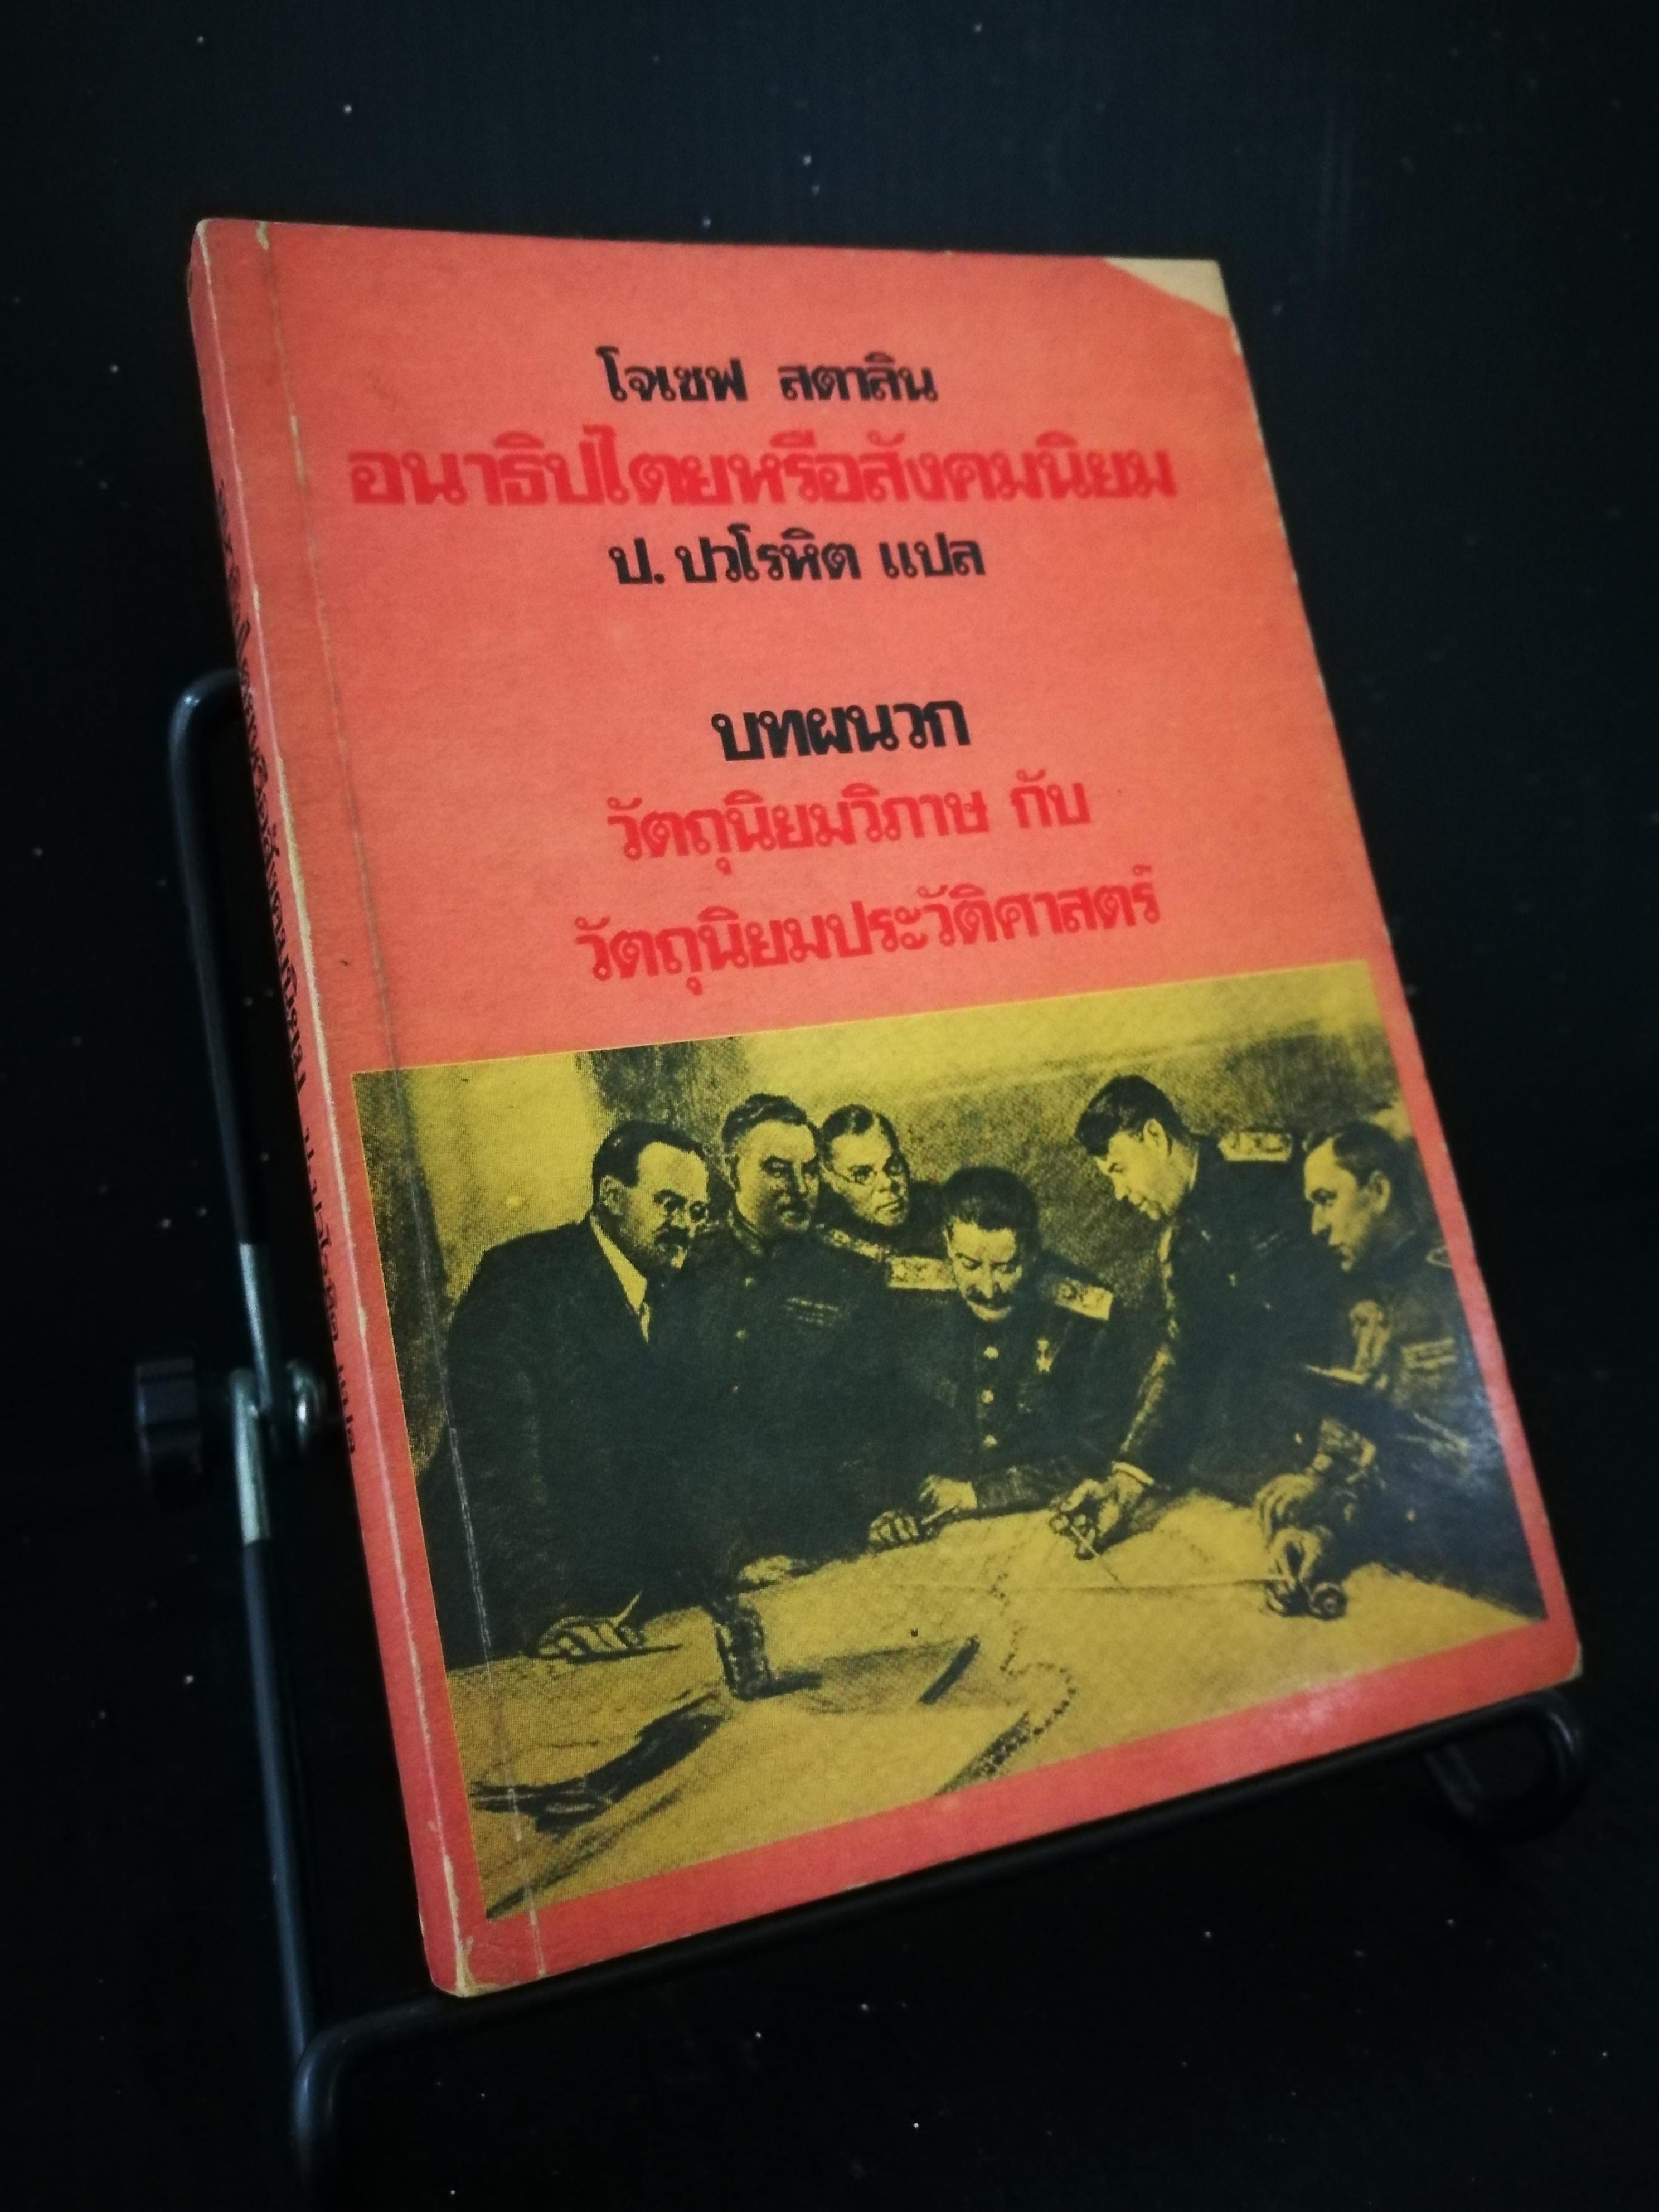 อนาธิปไตยหรือสังคมนิยม - หนังสือต้องห้าม